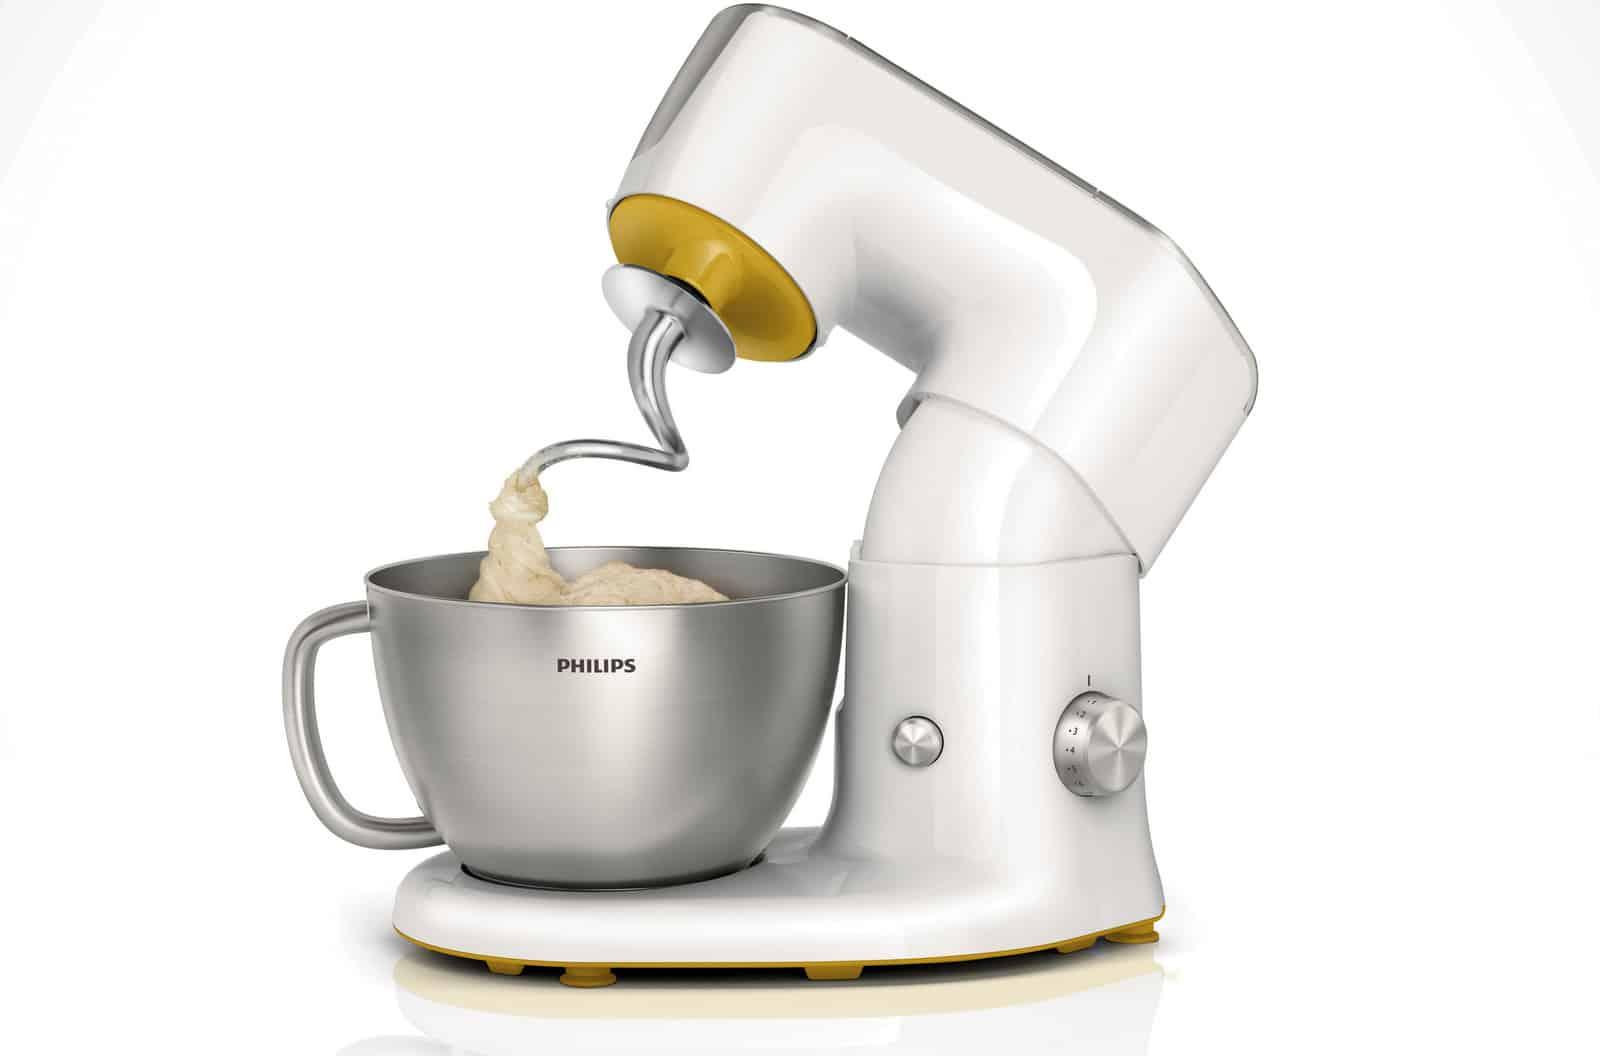 Philips_keukenmachine_winactie